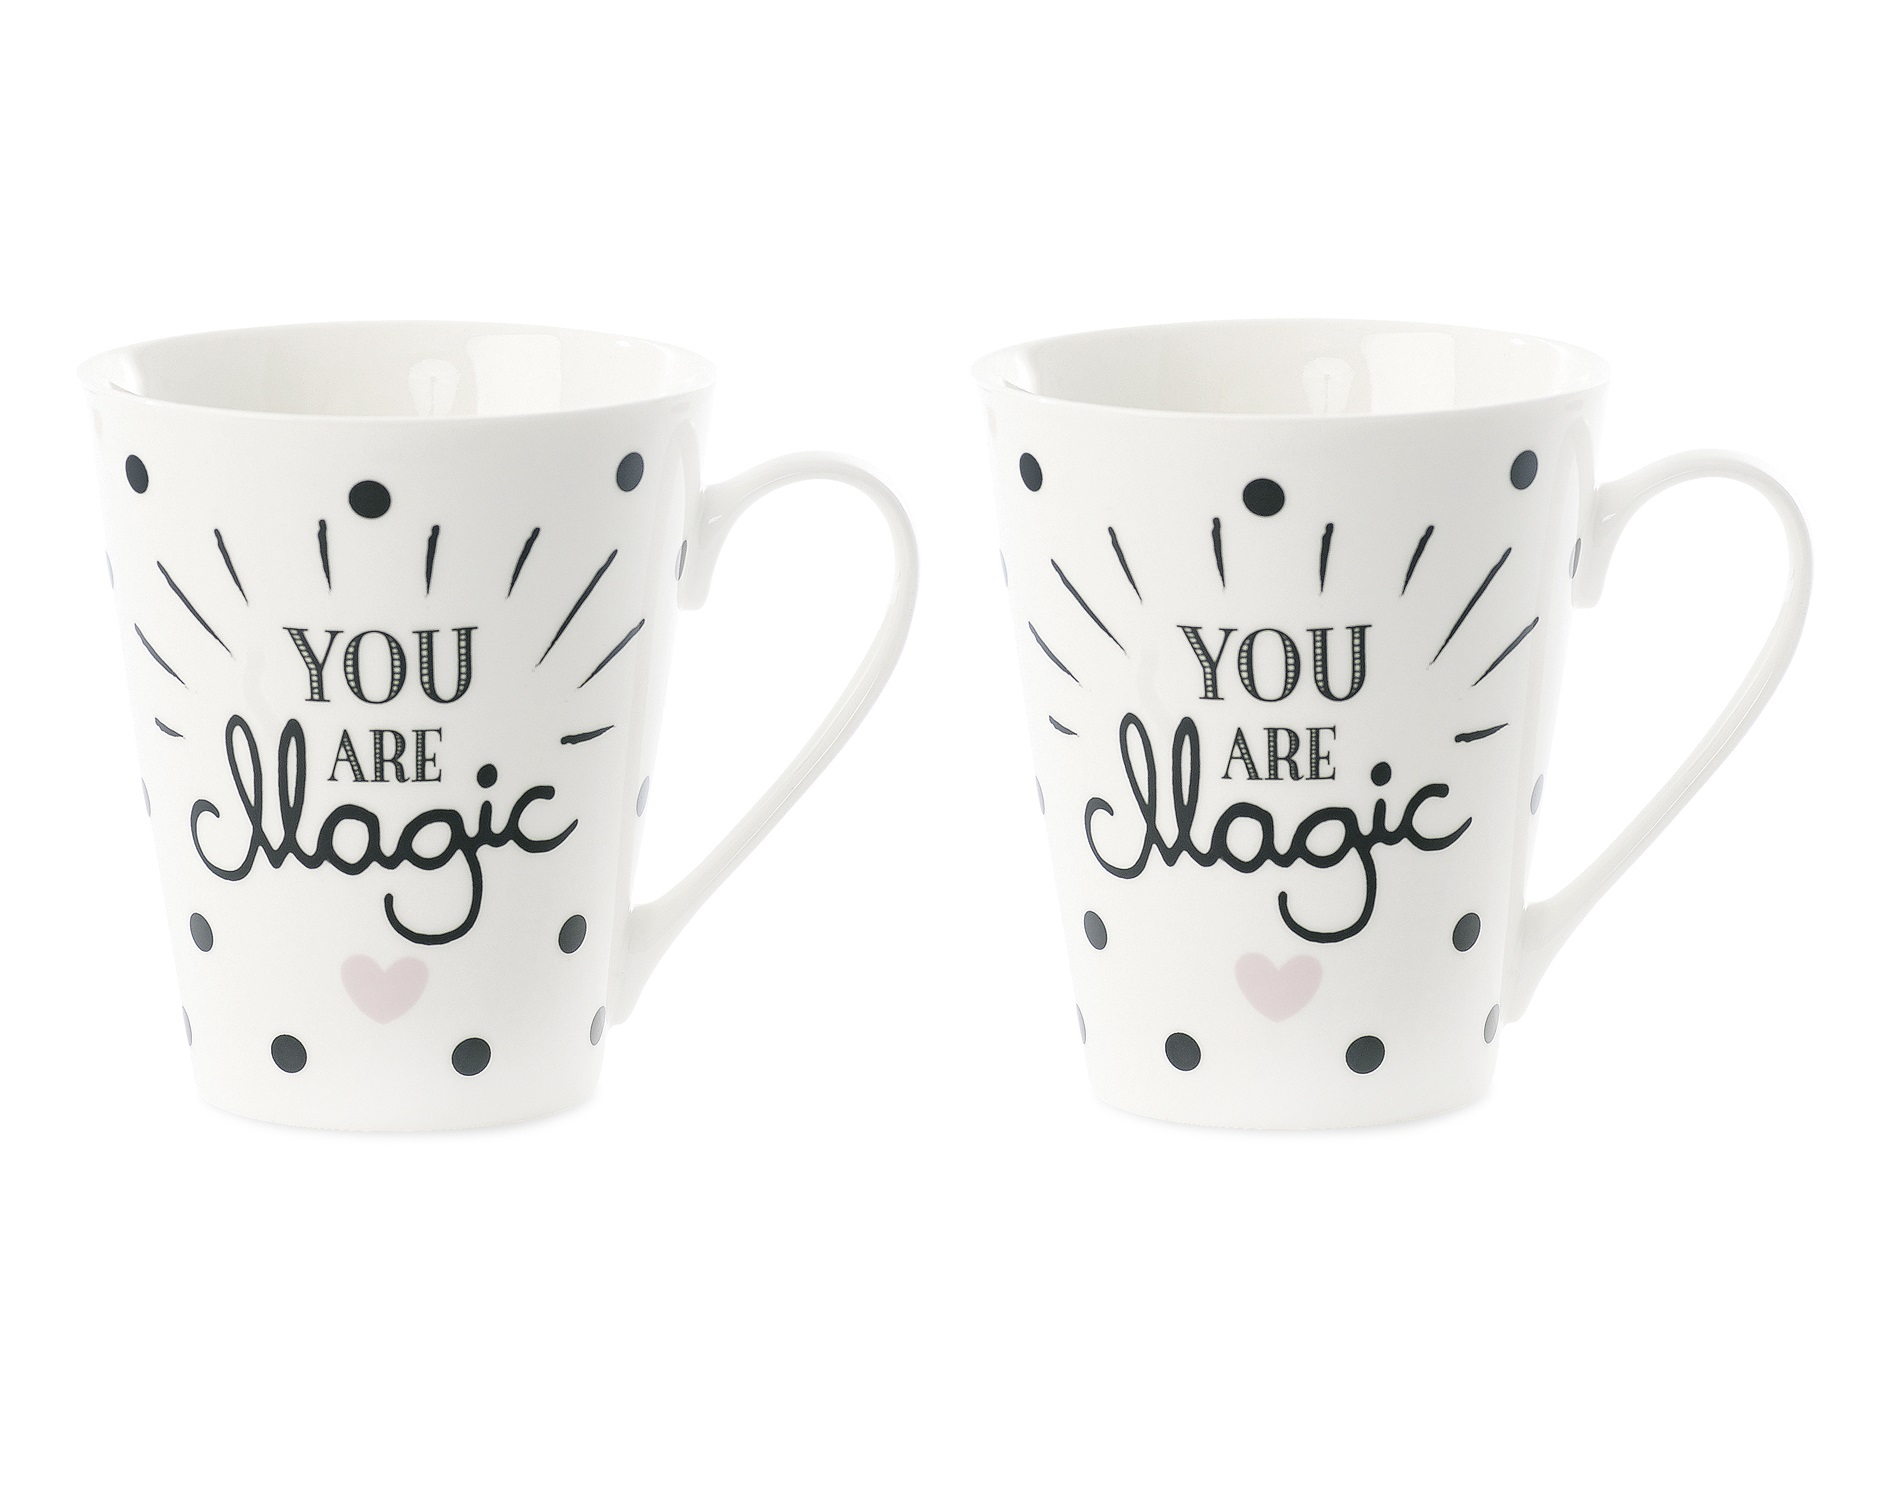 Набор кофейных чашек (2шт)Чайные пары, чашки и кружки<br>Чаепитие – настоящее магическое действо, во время которого можно получить море удовольствий сразу. С посудой Miss Etoile ко всем приятностям добавится и эстетическое наслаждение от красивой сервировки. Эта милая чашка выглядят женственно и изящно, в сочетании с ароматным чаем и круассаном она создаст настроение булочной Парижа.&amp;amp;nbsp;&amp;lt;div&amp;gt;&amp;lt;br&amp;gt;&amp;lt;/div&amp;gt;&amp;lt;div&amp;gt;Объем 250 мл.&amp;amp;nbsp;&amp;lt;/div&amp;gt;&amp;lt;div&amp;gt;В наборе 2 шт. (H:10 ?:8,5 см)&amp;lt;/div&amp;gt;<br><br>Material: Керамика<br>Высота см: 10